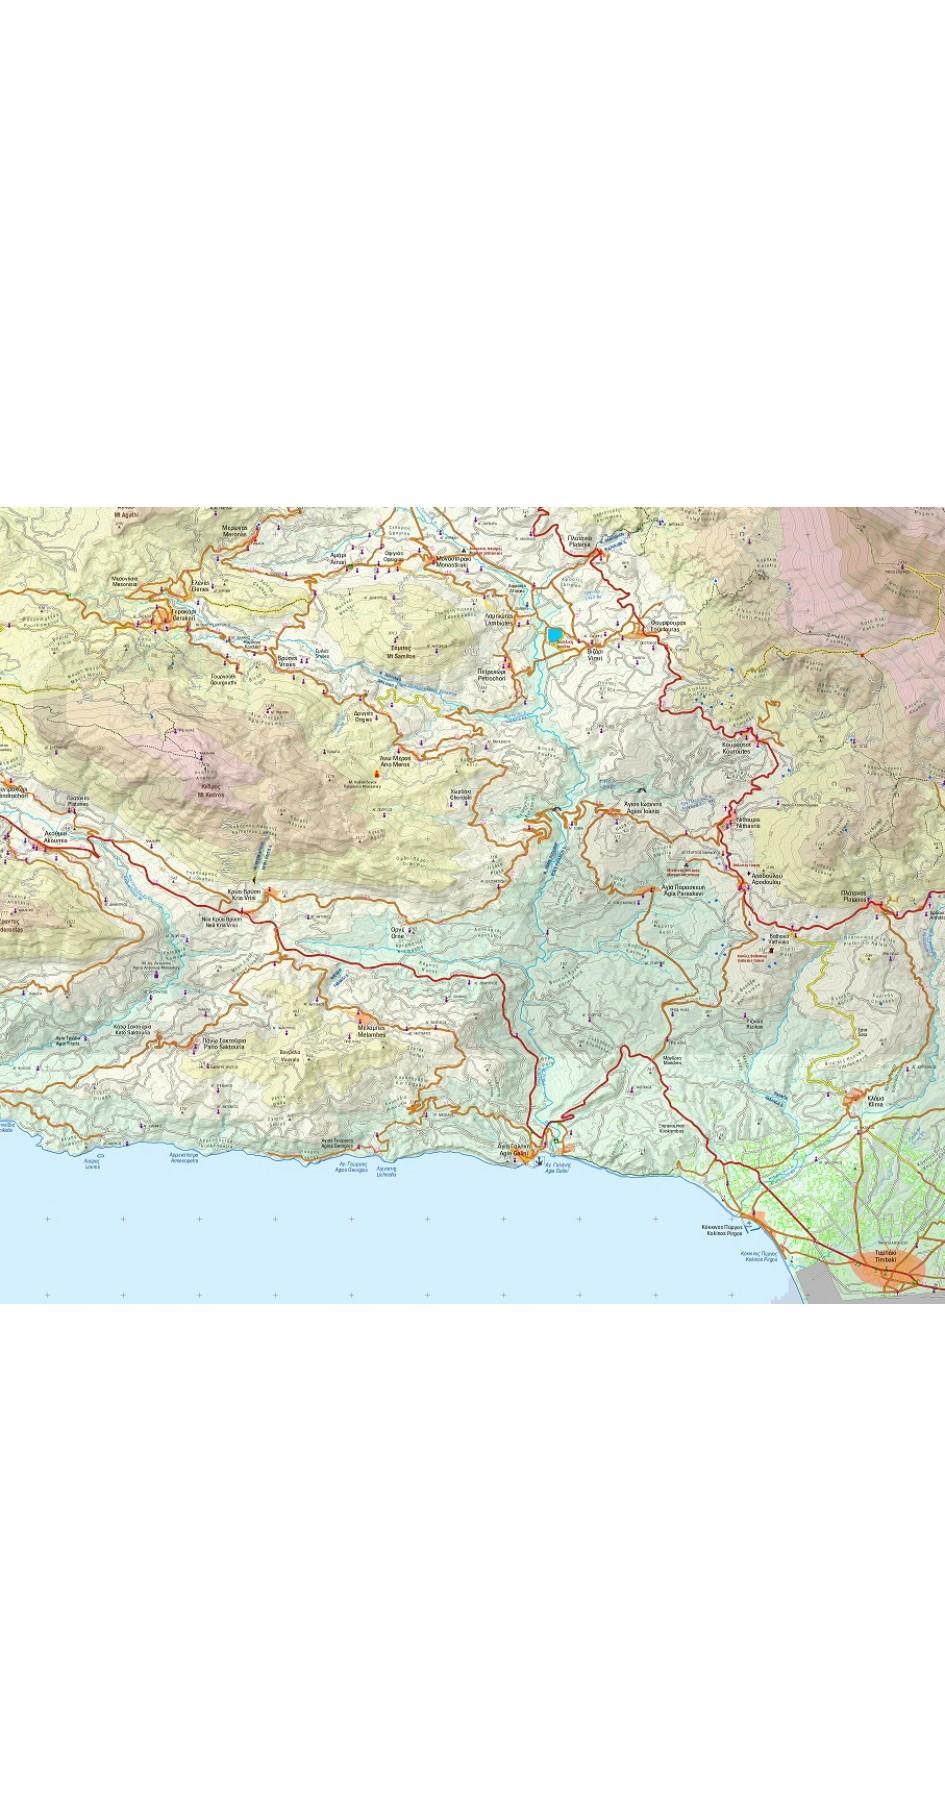 Crete Adventure Atlas in scale 1:50000 (E4)